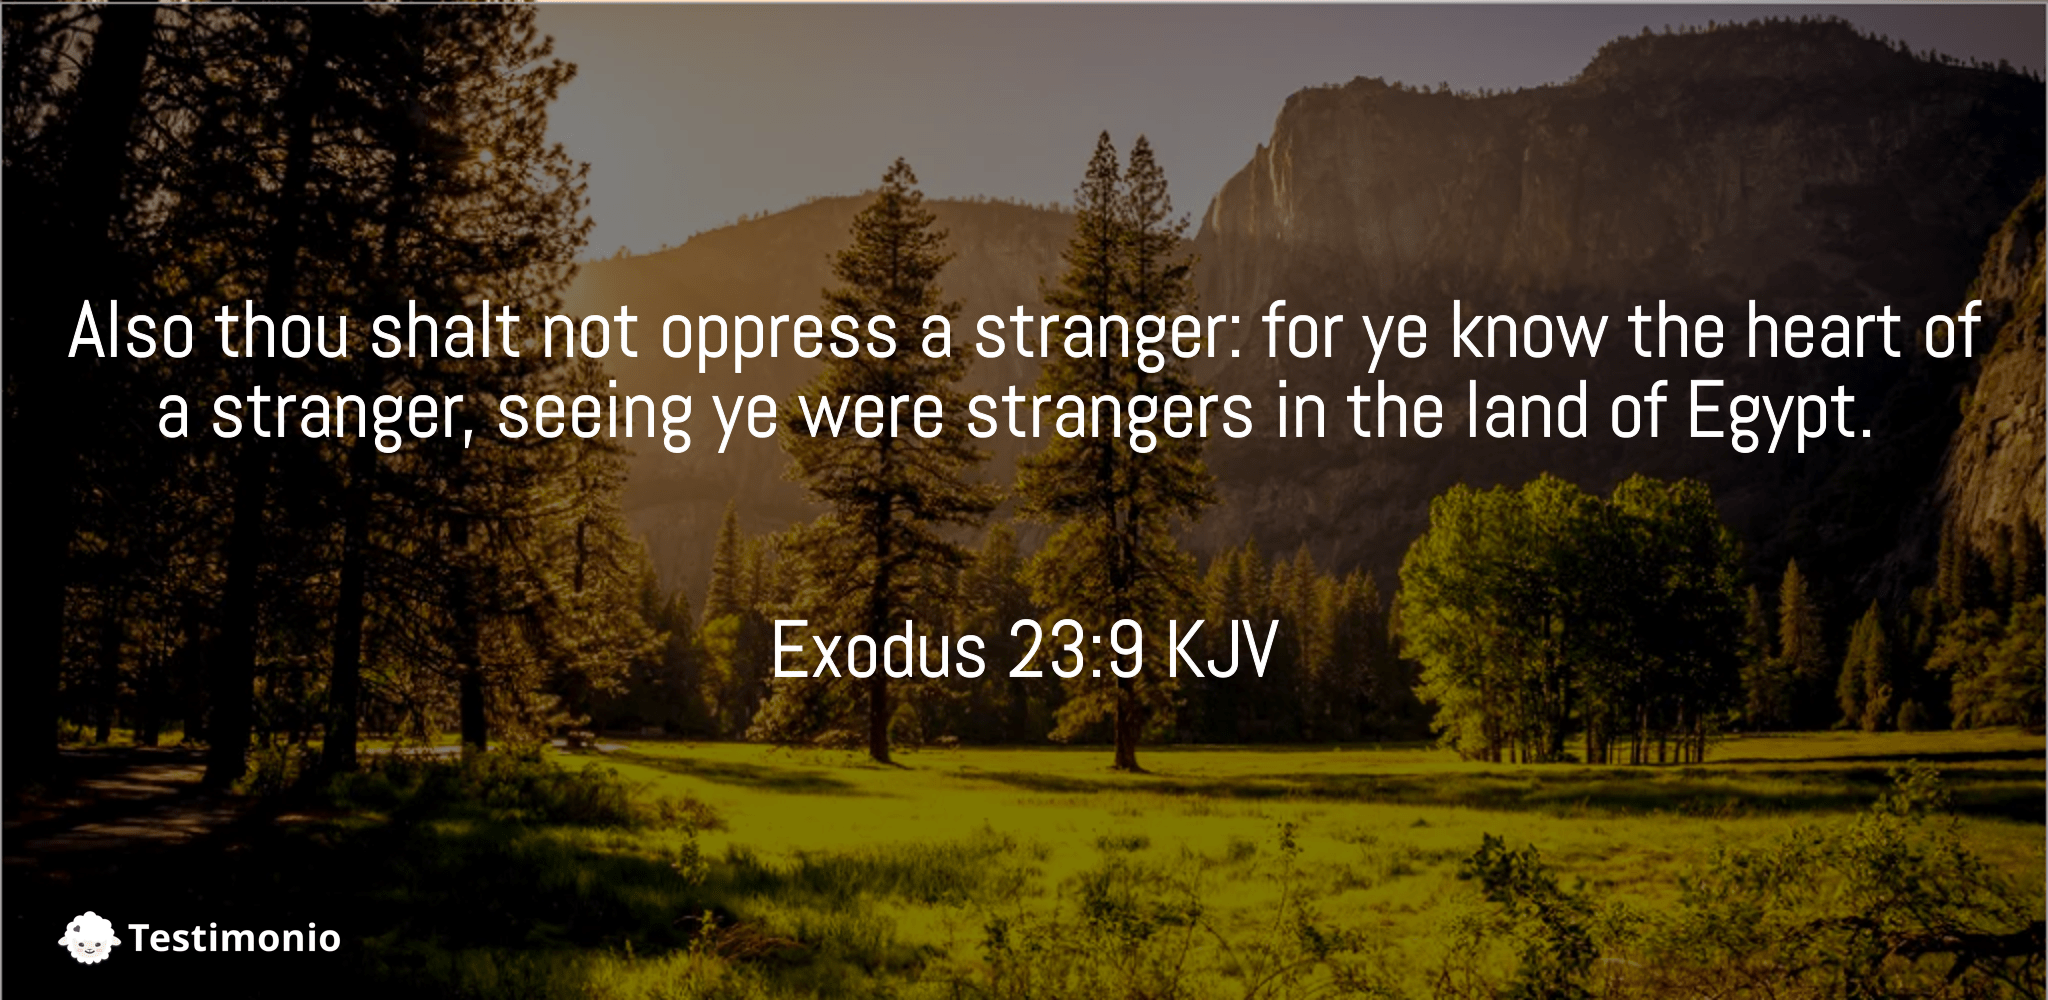 Exodus 23:9